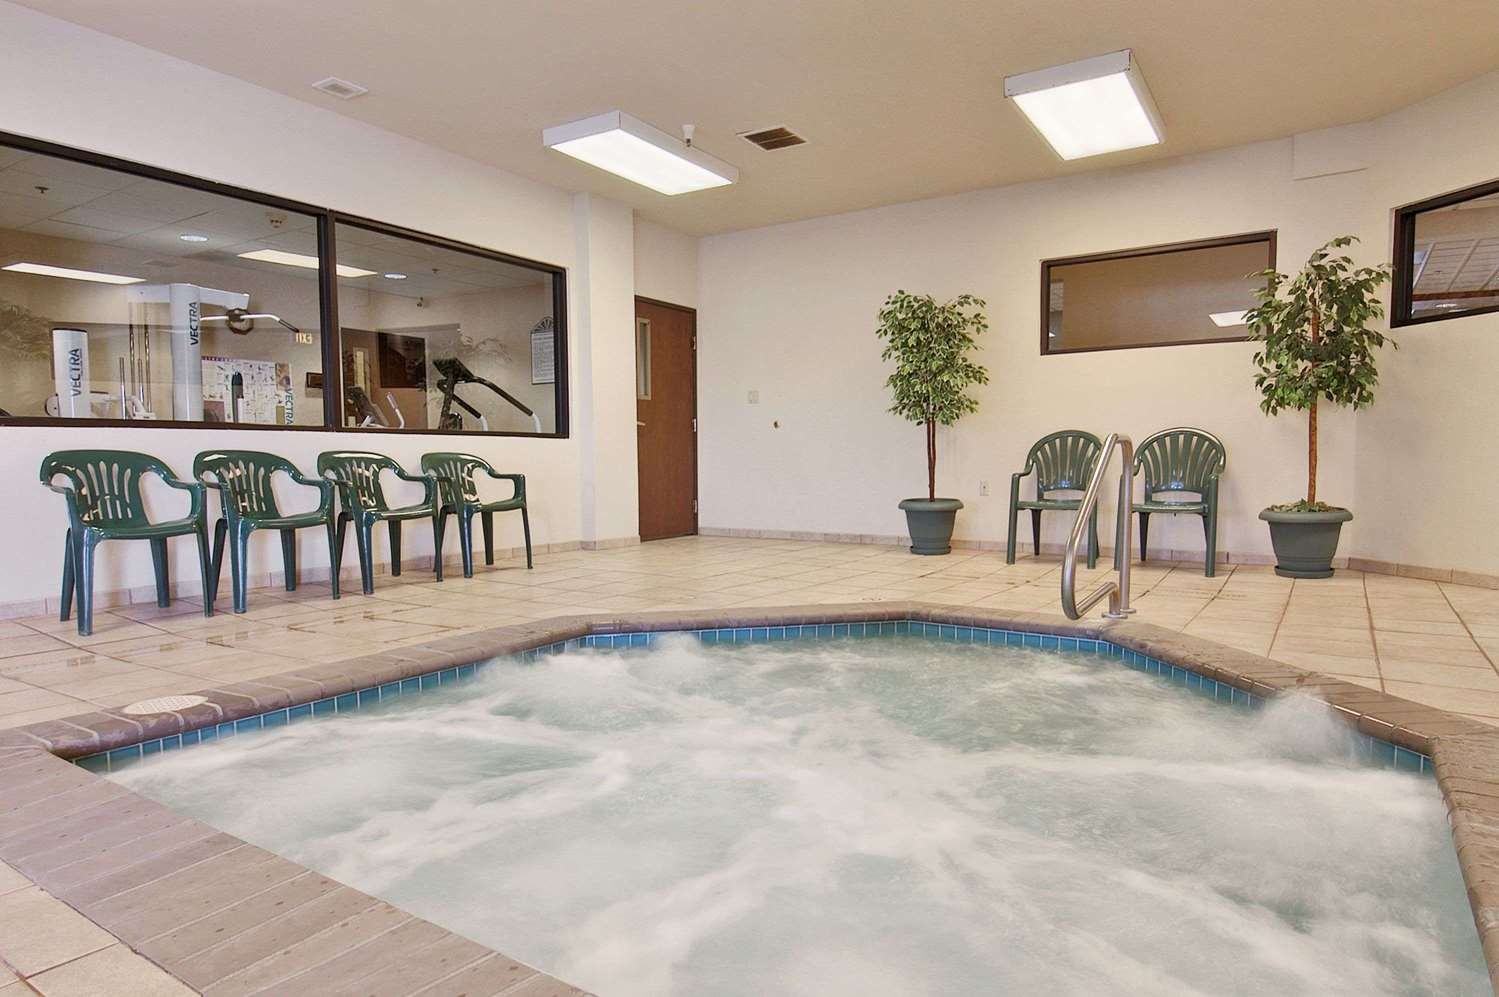 proam - Wingate by Wyndham Hotel Pueblo